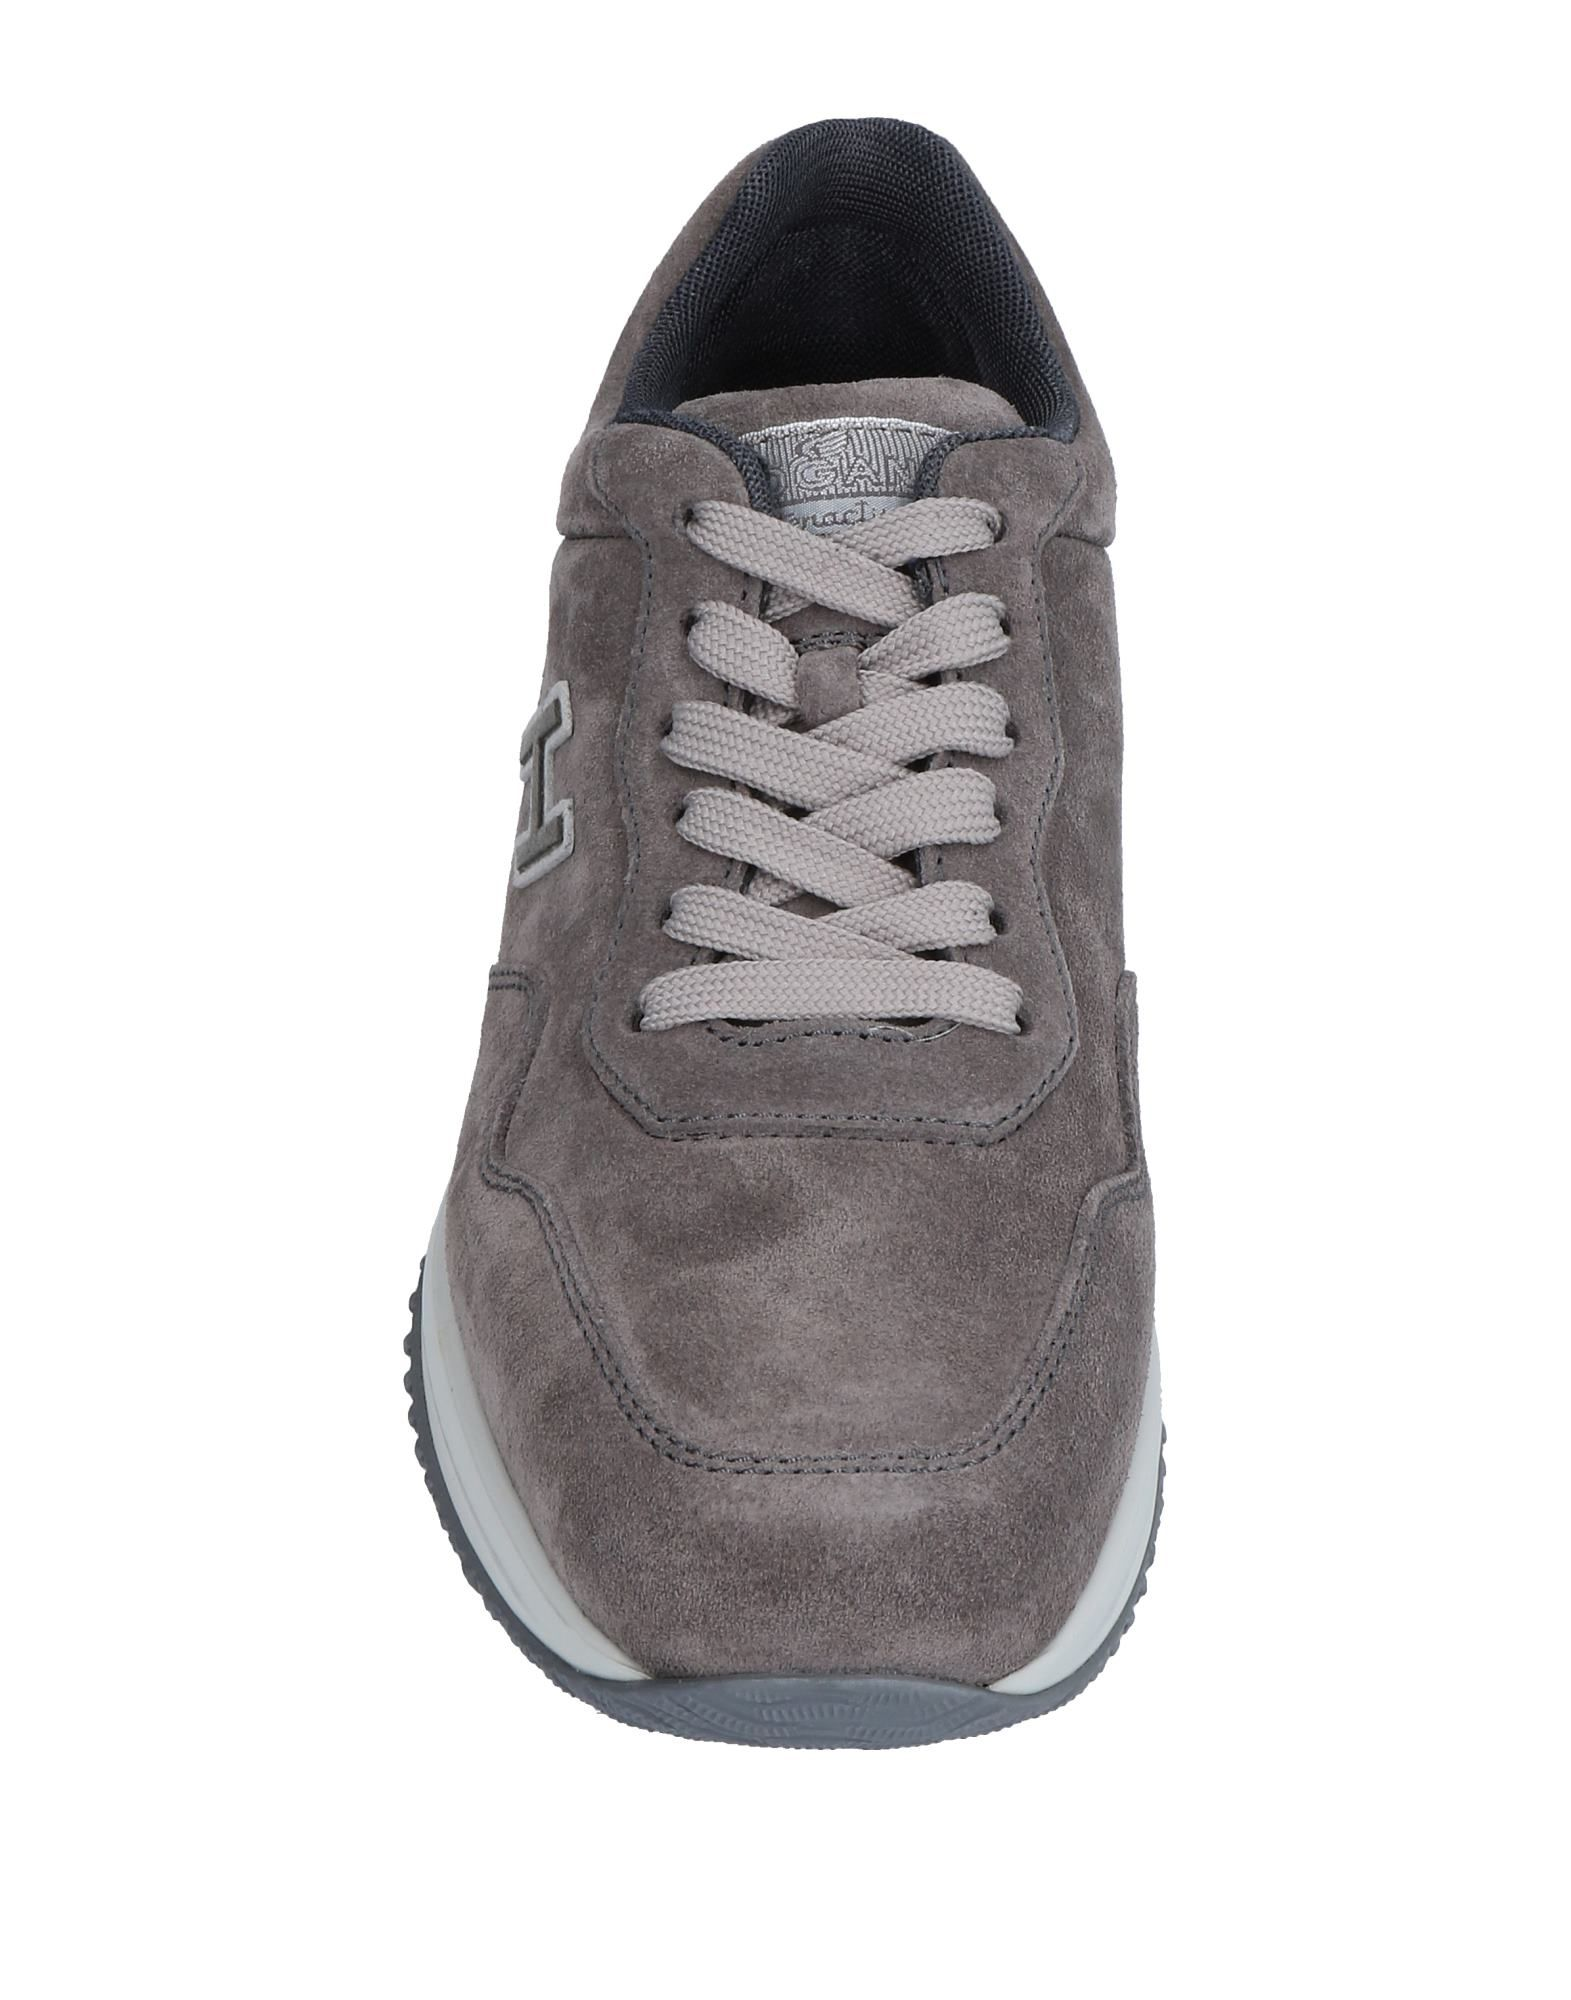 Hogan Gute Sneakers Herren  11511800EL Gute Hogan Qualität beliebte Schuhe 5a097d